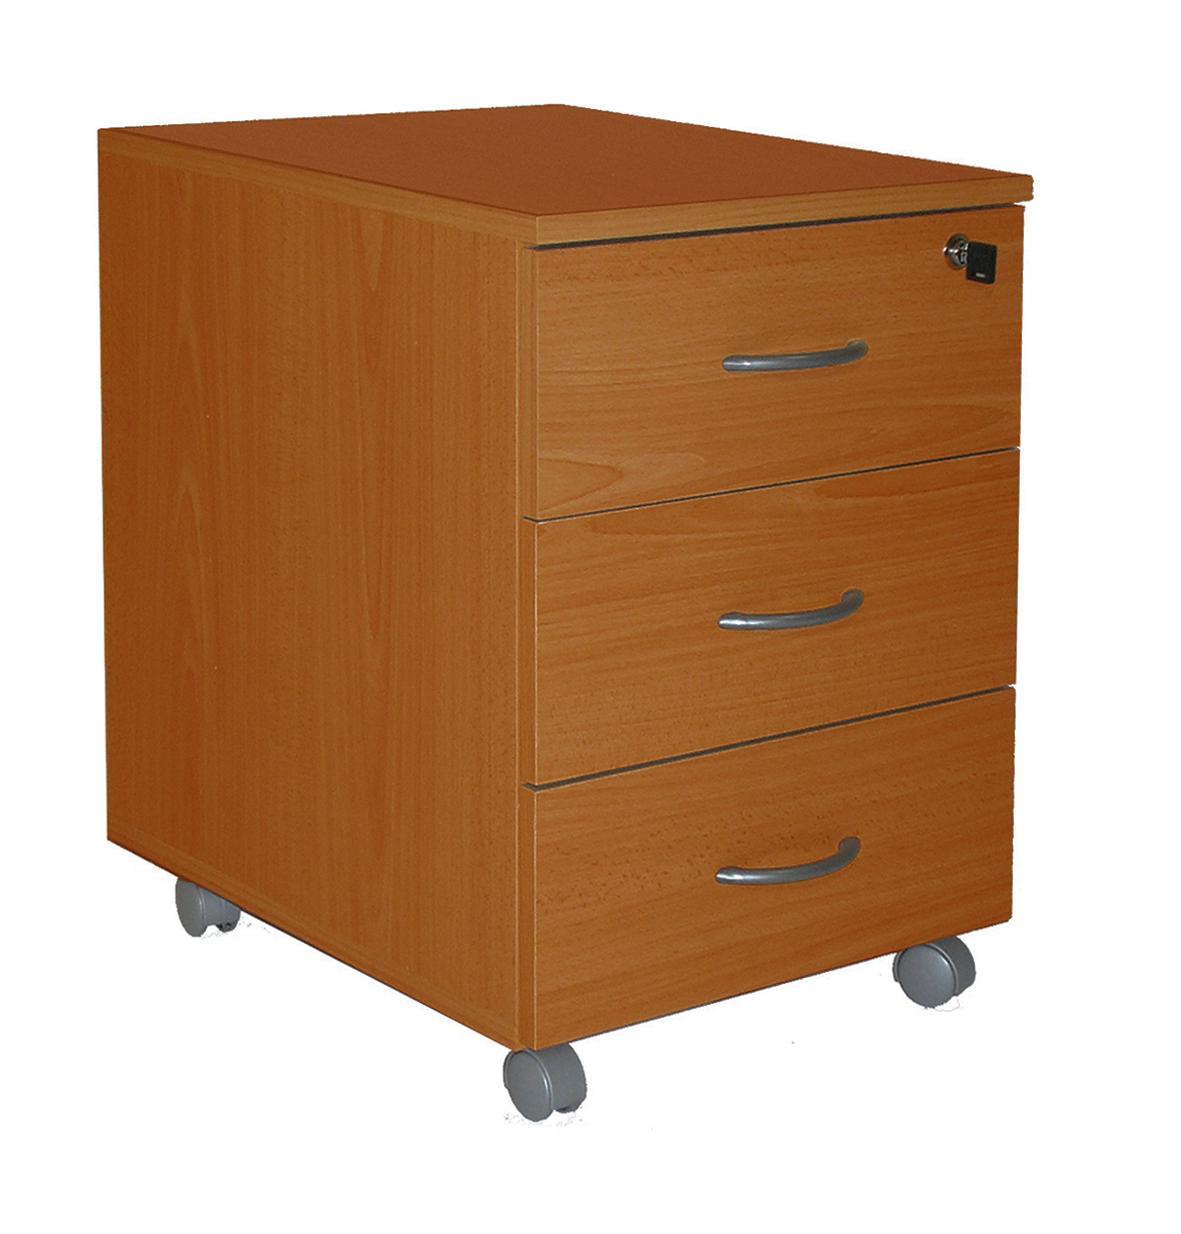 Caisson mobile WINCH 3 tiroirs dont 1 pour dossiers suspendus - Imitation Merisier